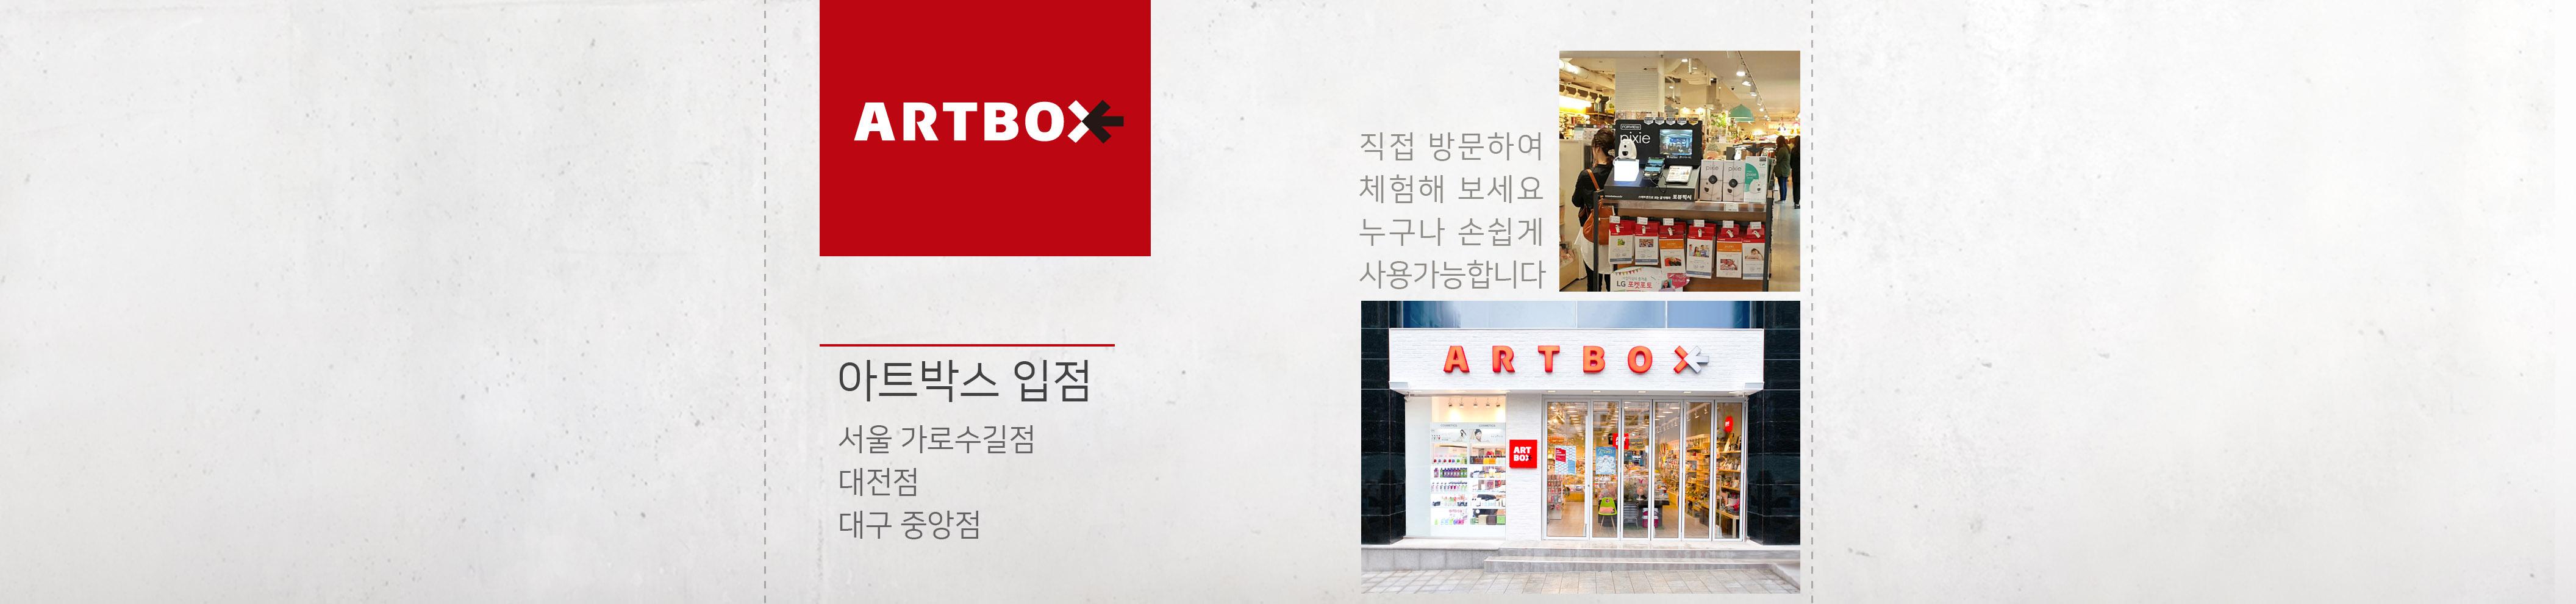 korea_background_image2